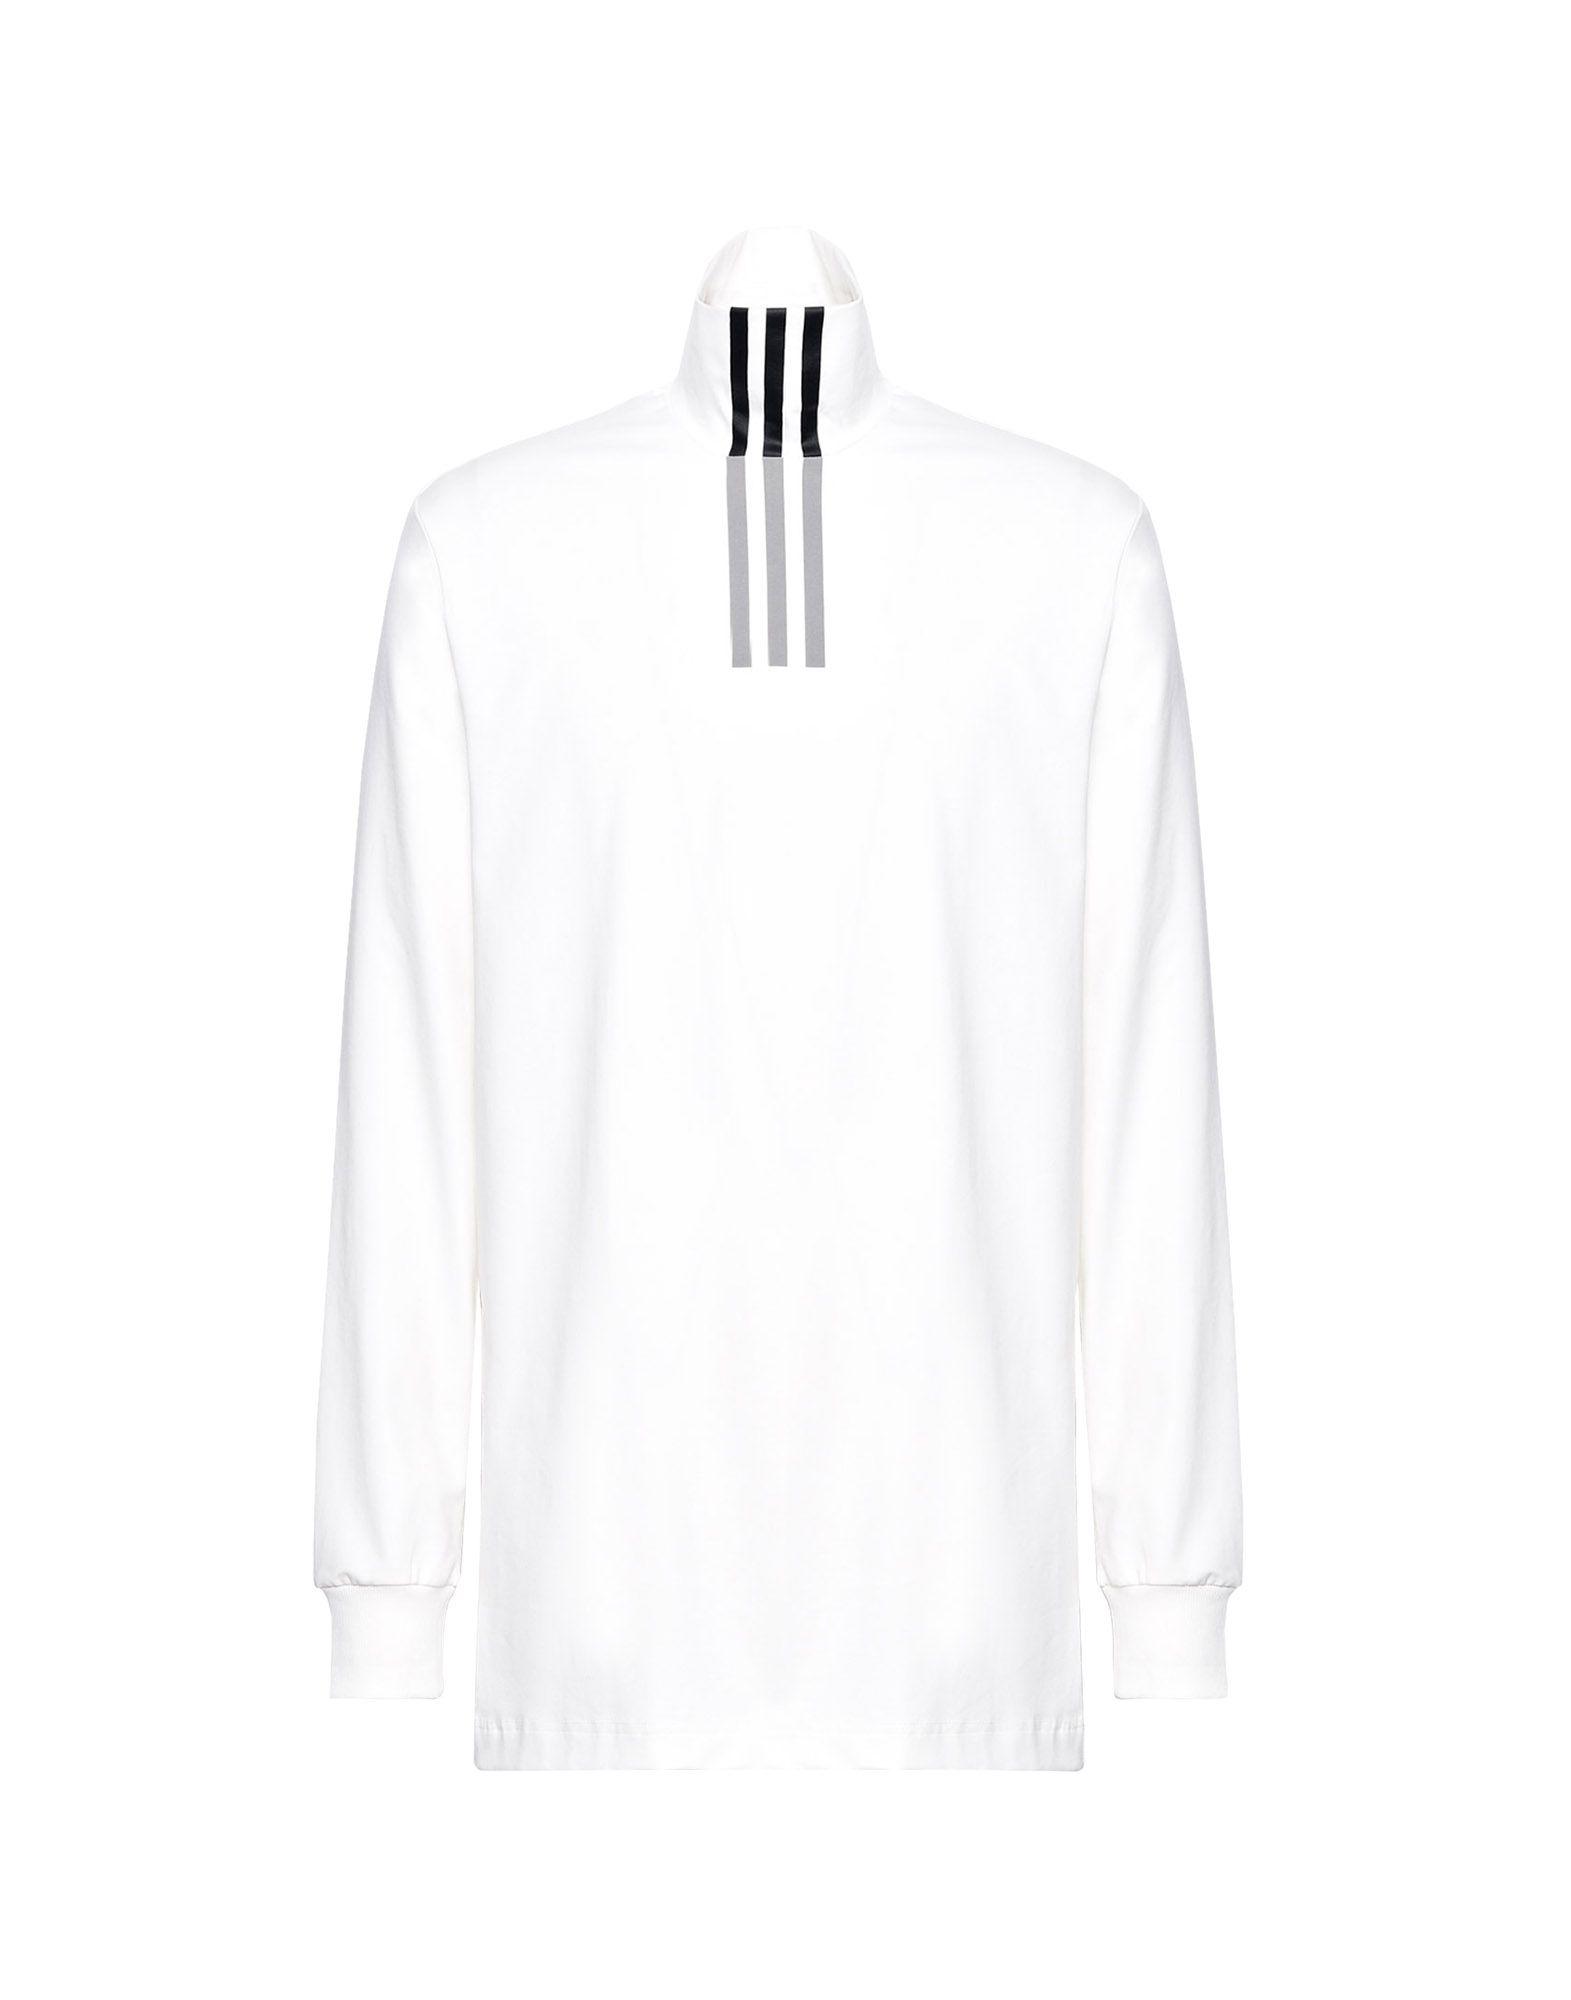 Y 3 Strisce Collo Alto, (3 Bianco Per Gli Uomini (3 Alto, Ufficiali Negozio Adidas Y 74babd